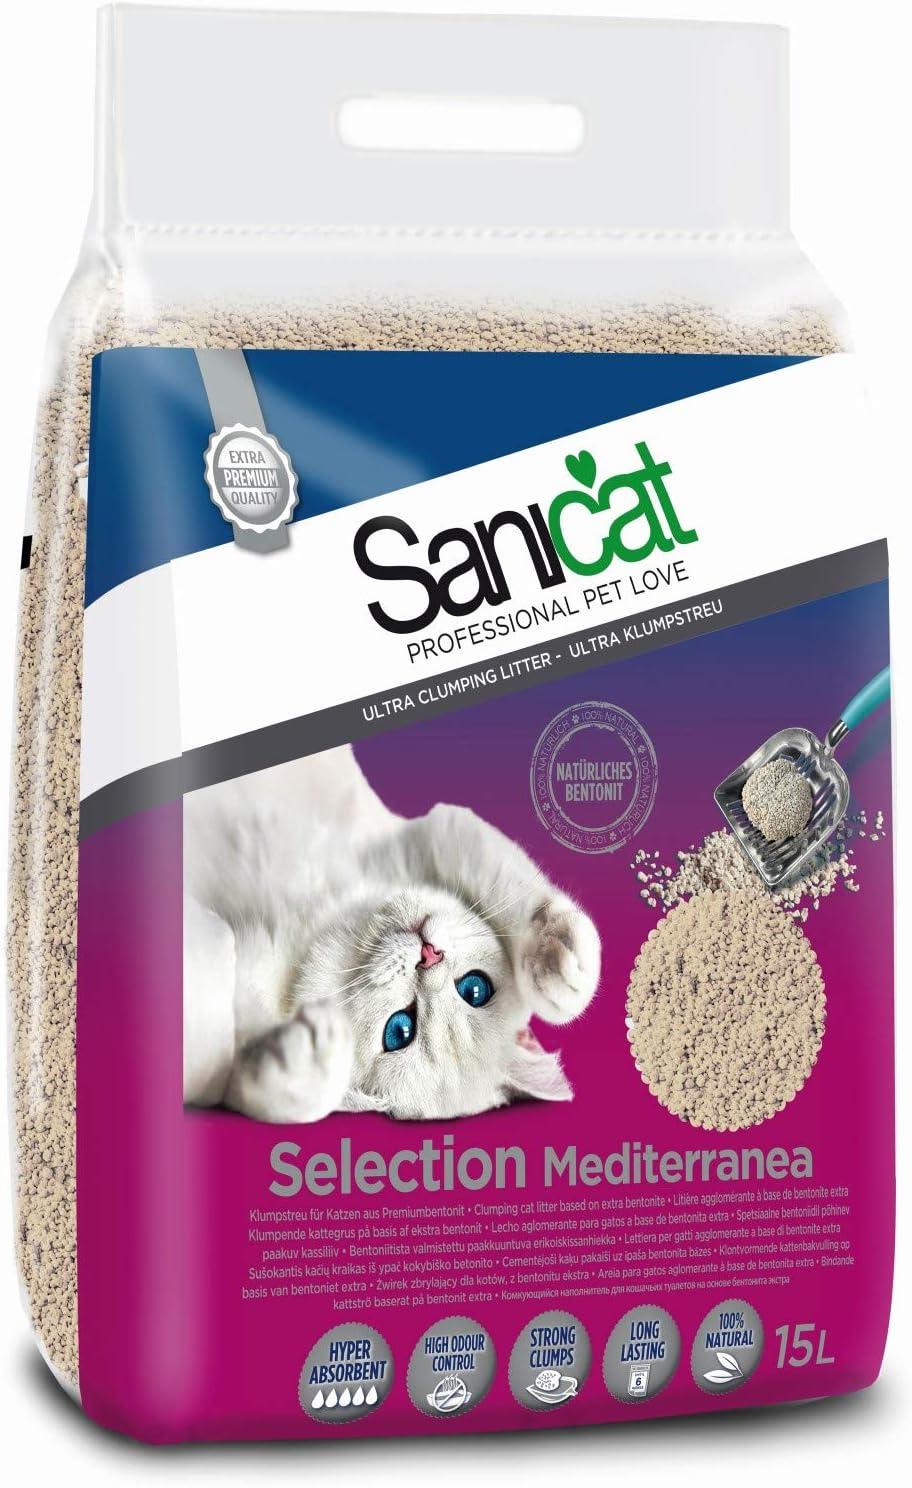 Sanicat Select Mediterranea Arena de Gatos Ultra Aglomerante - 15L